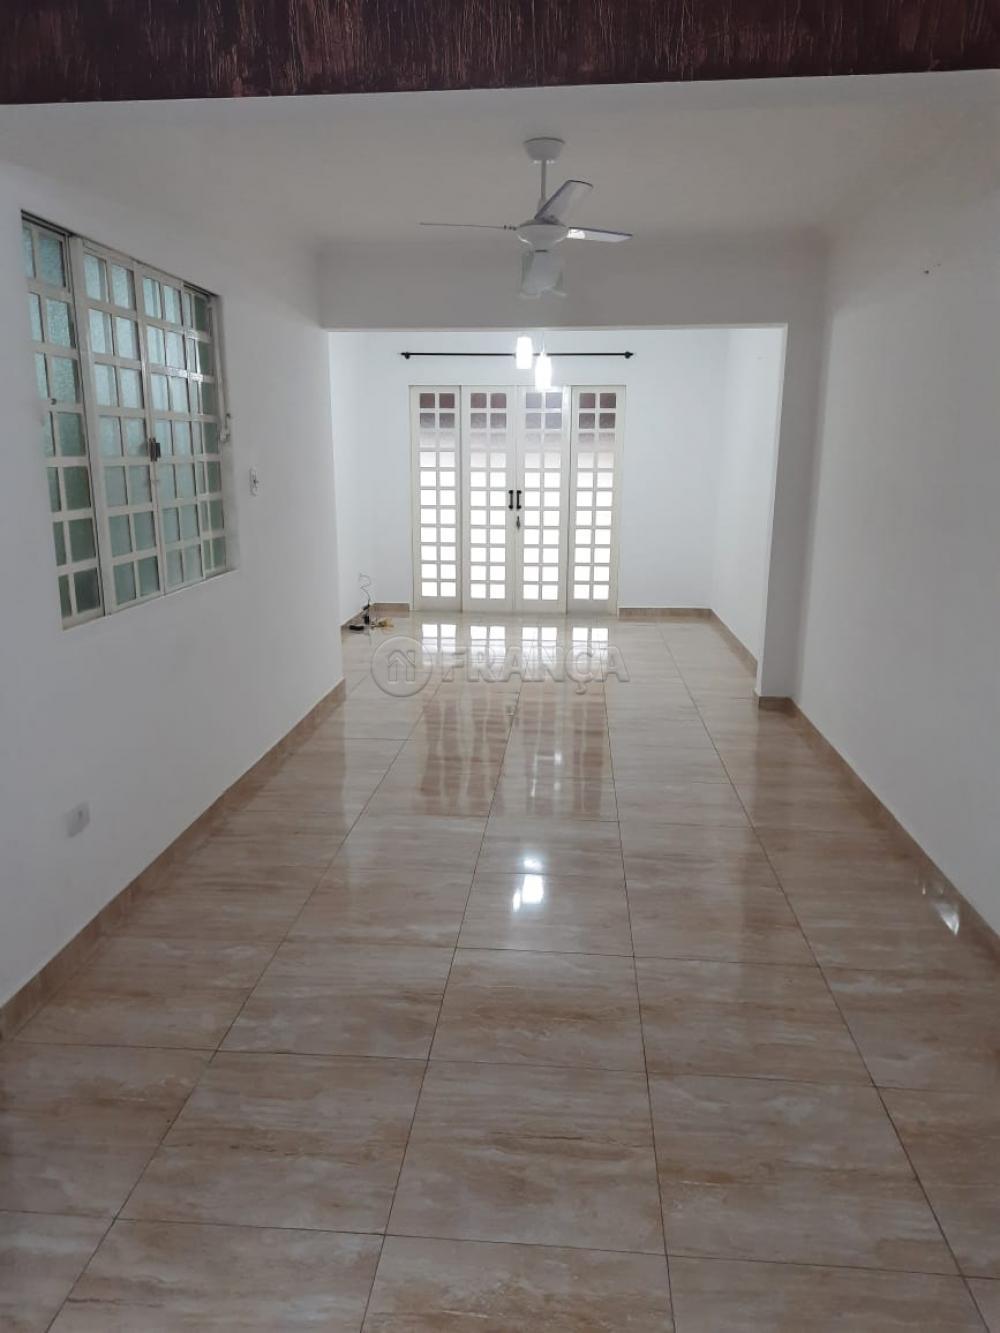 Comprar Casa / Sobrado em Taubaté R$ 373.000,00 - Foto 11